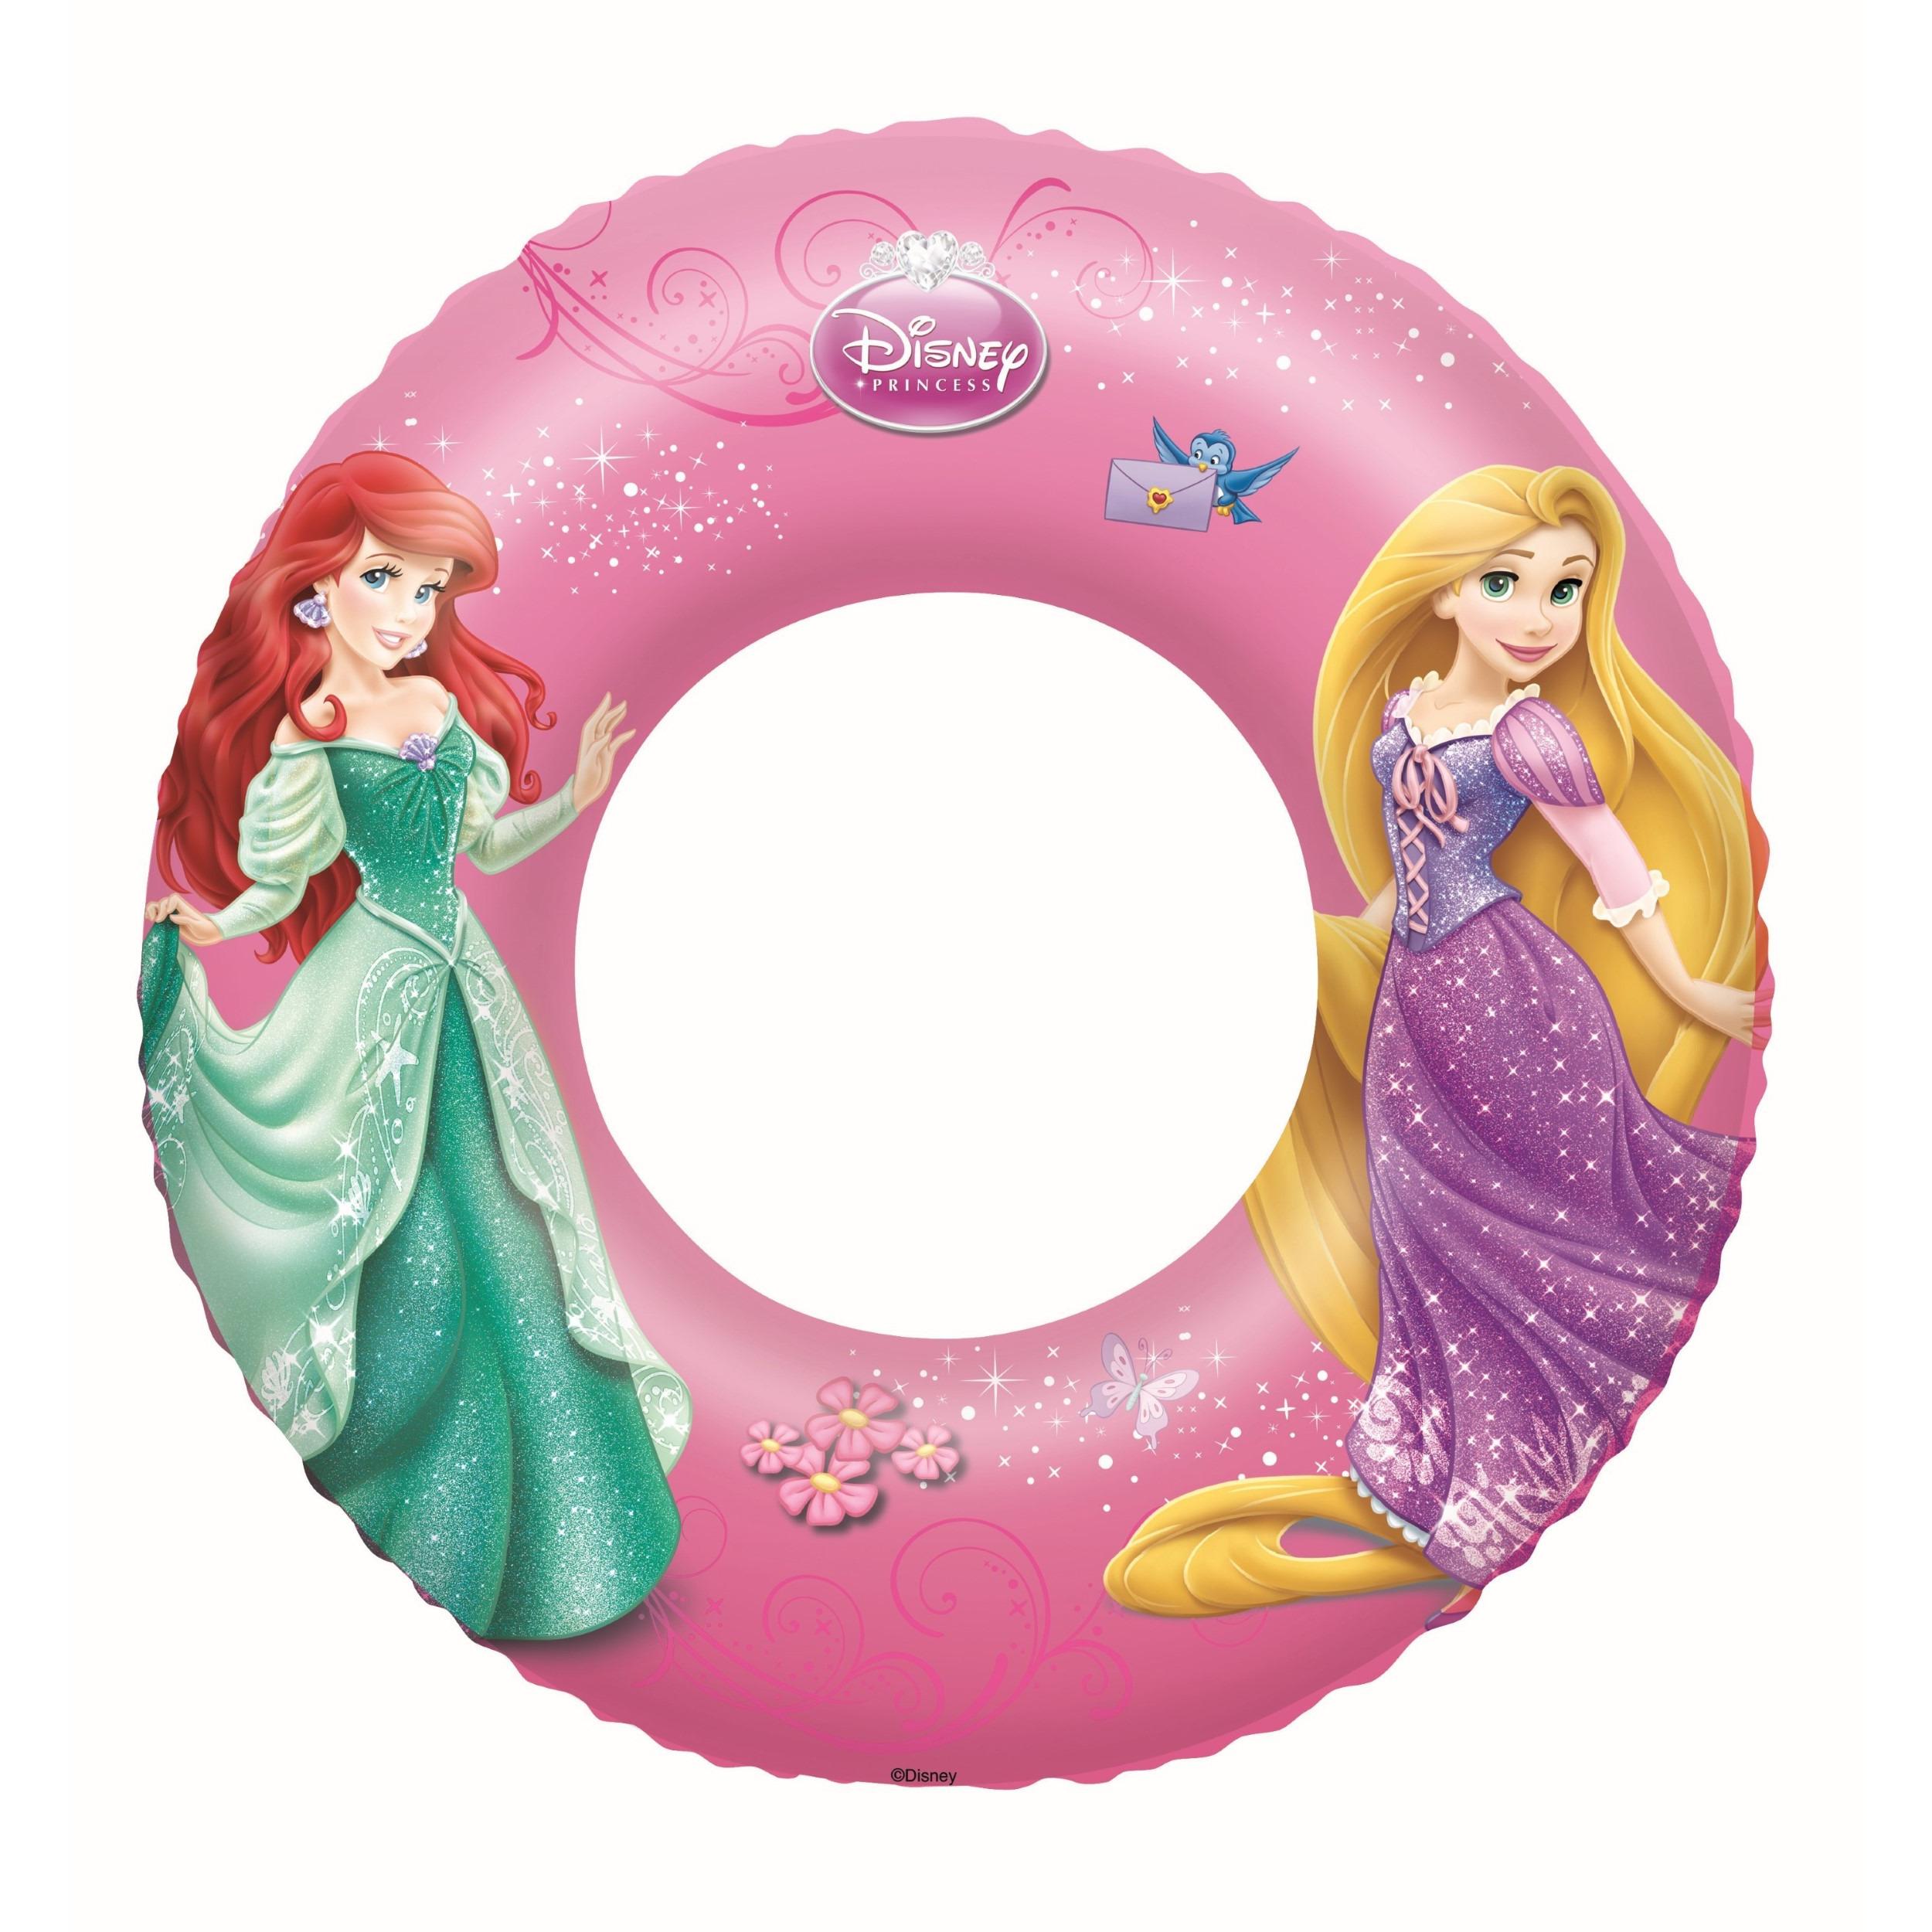 Opblaas zwemband Disney Princess 56 cm Roze